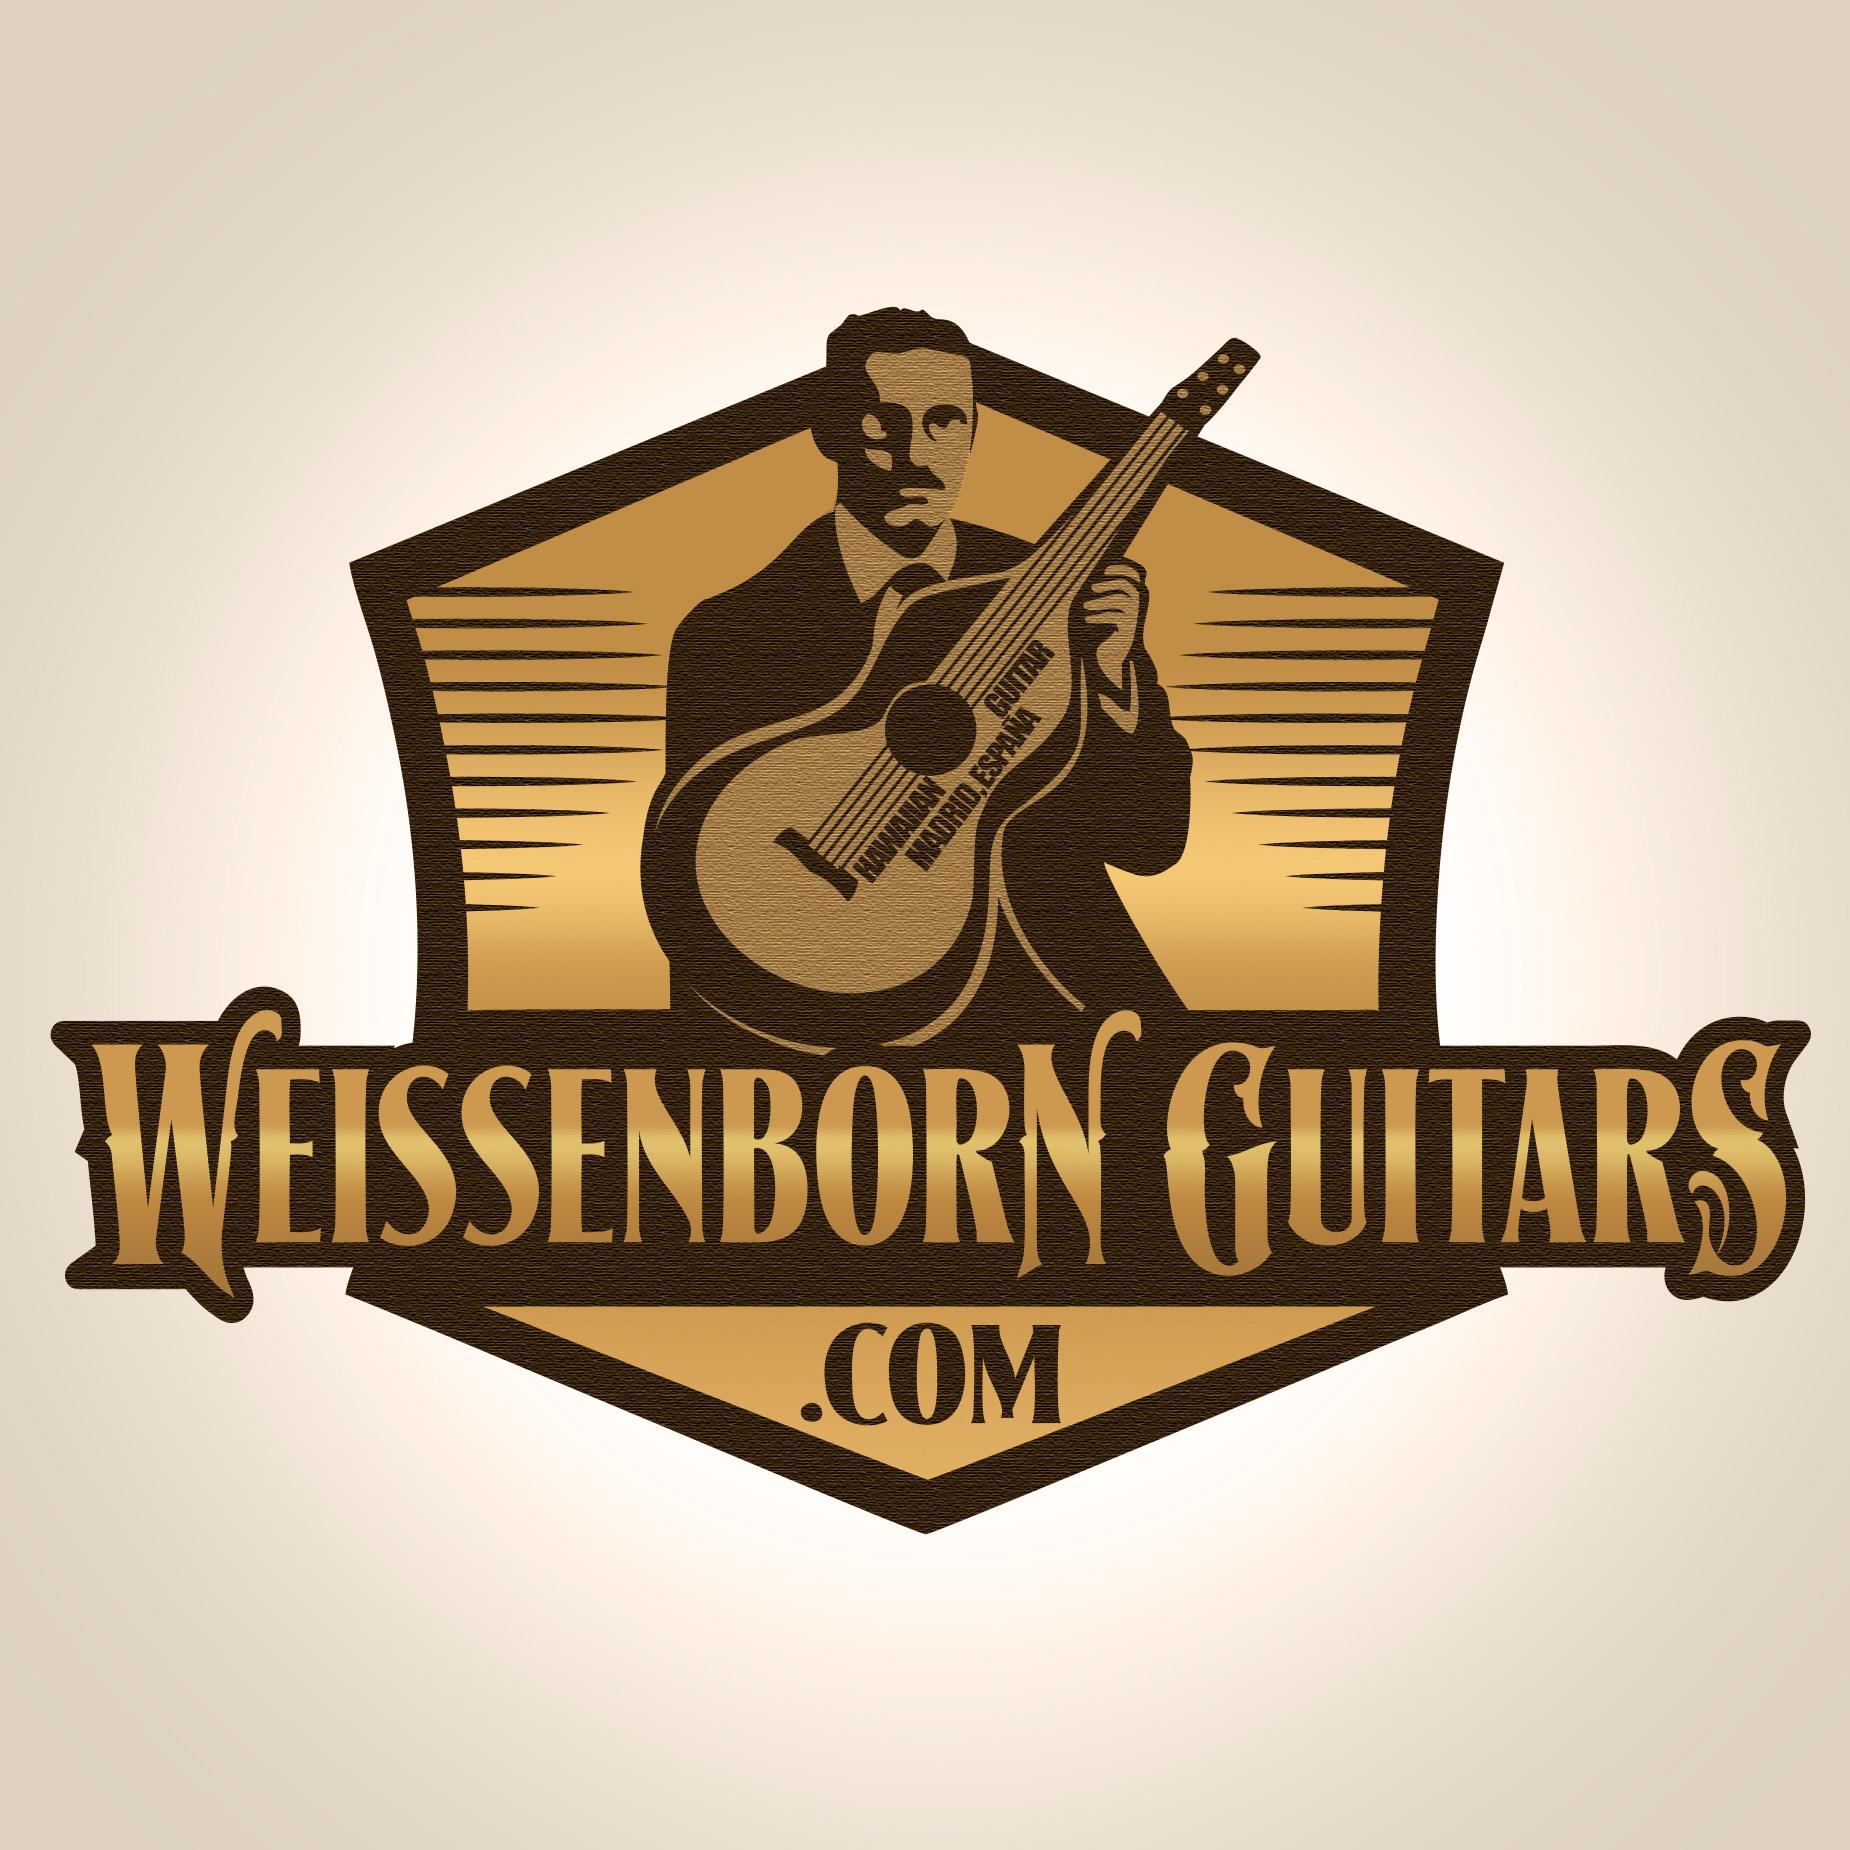 logo-weissenborn